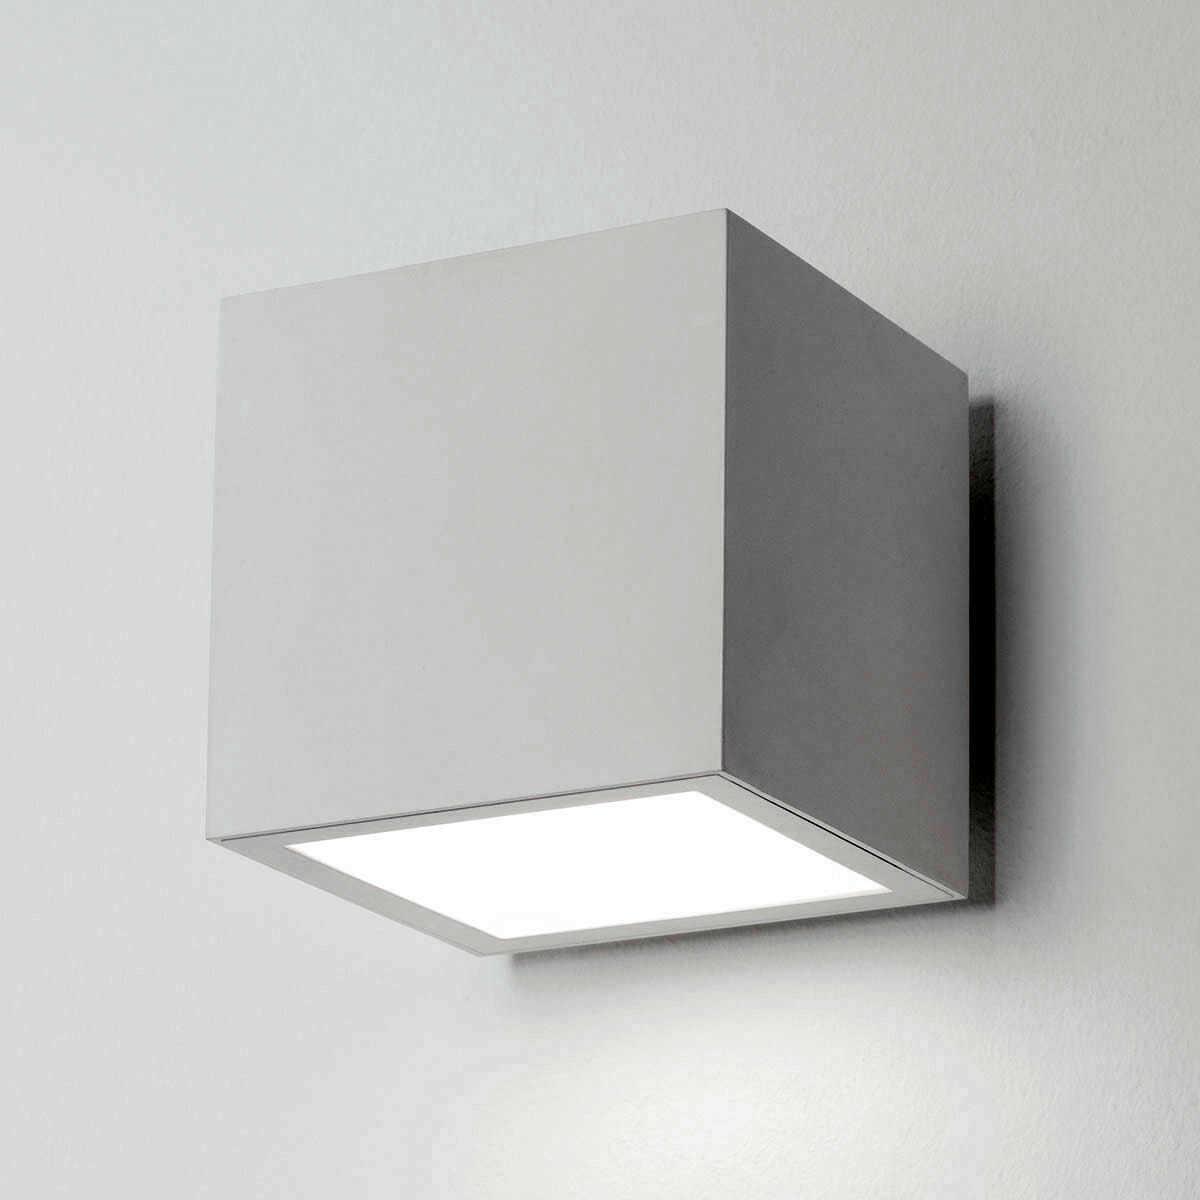 Lampada a parete faretto led ek cubo 120f pa for Lampada led interno